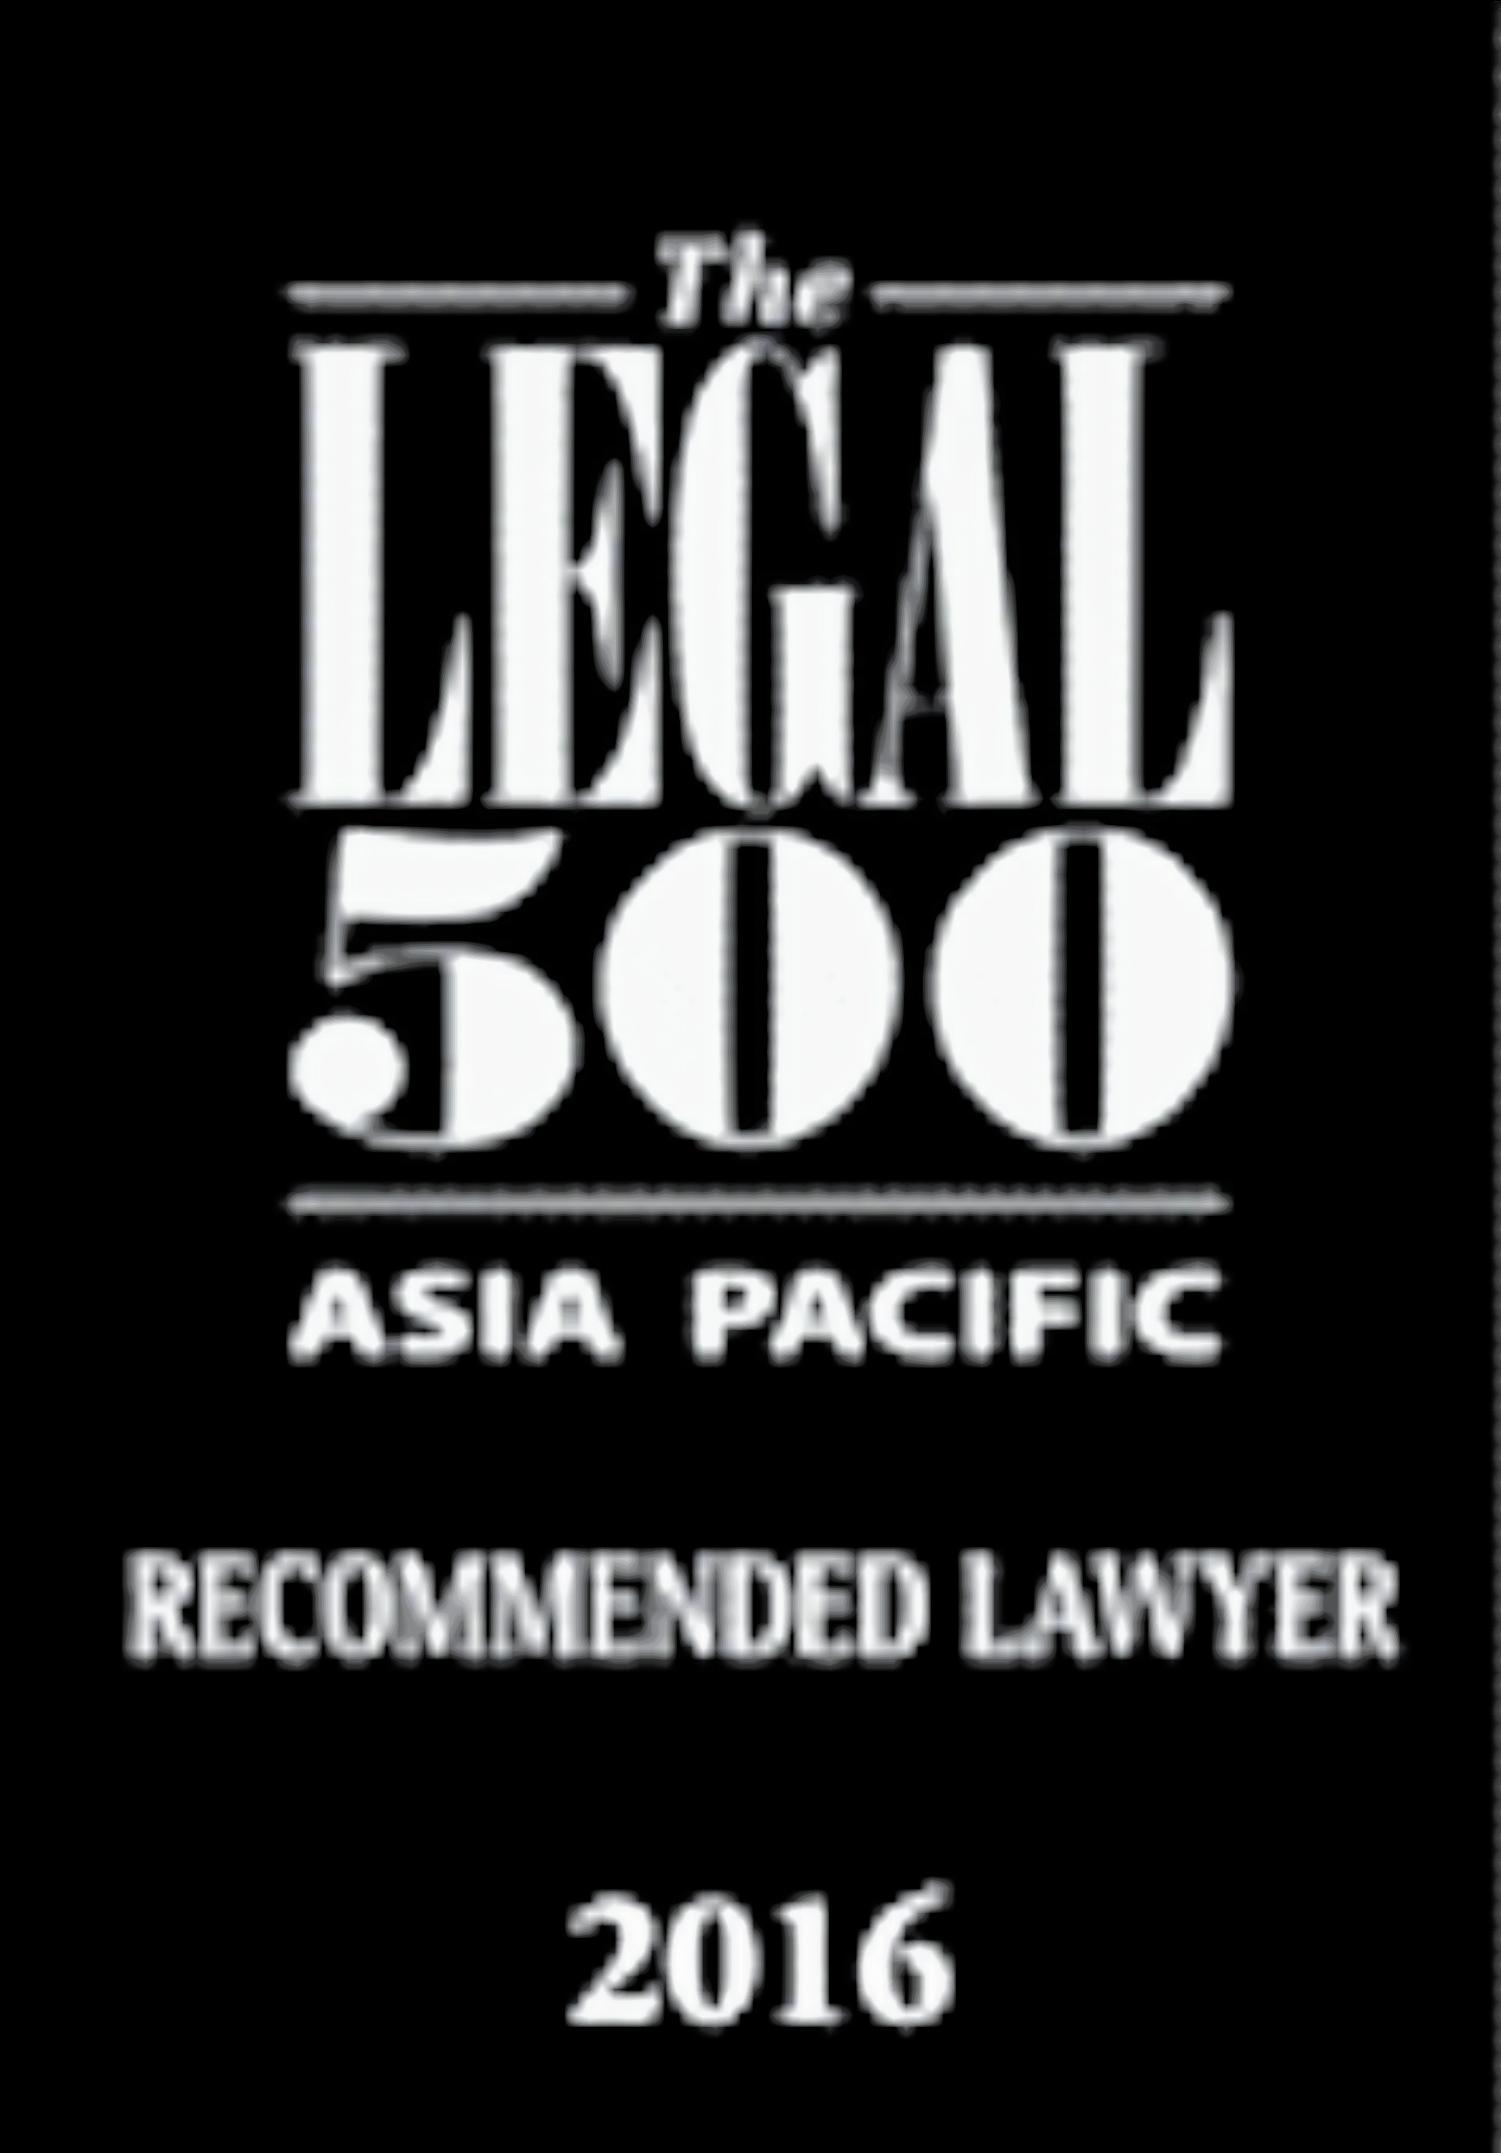 《亚太法律500强》(Legal 500 Asia Pacific) 香港区推荐律师:私人财富管理, 2016